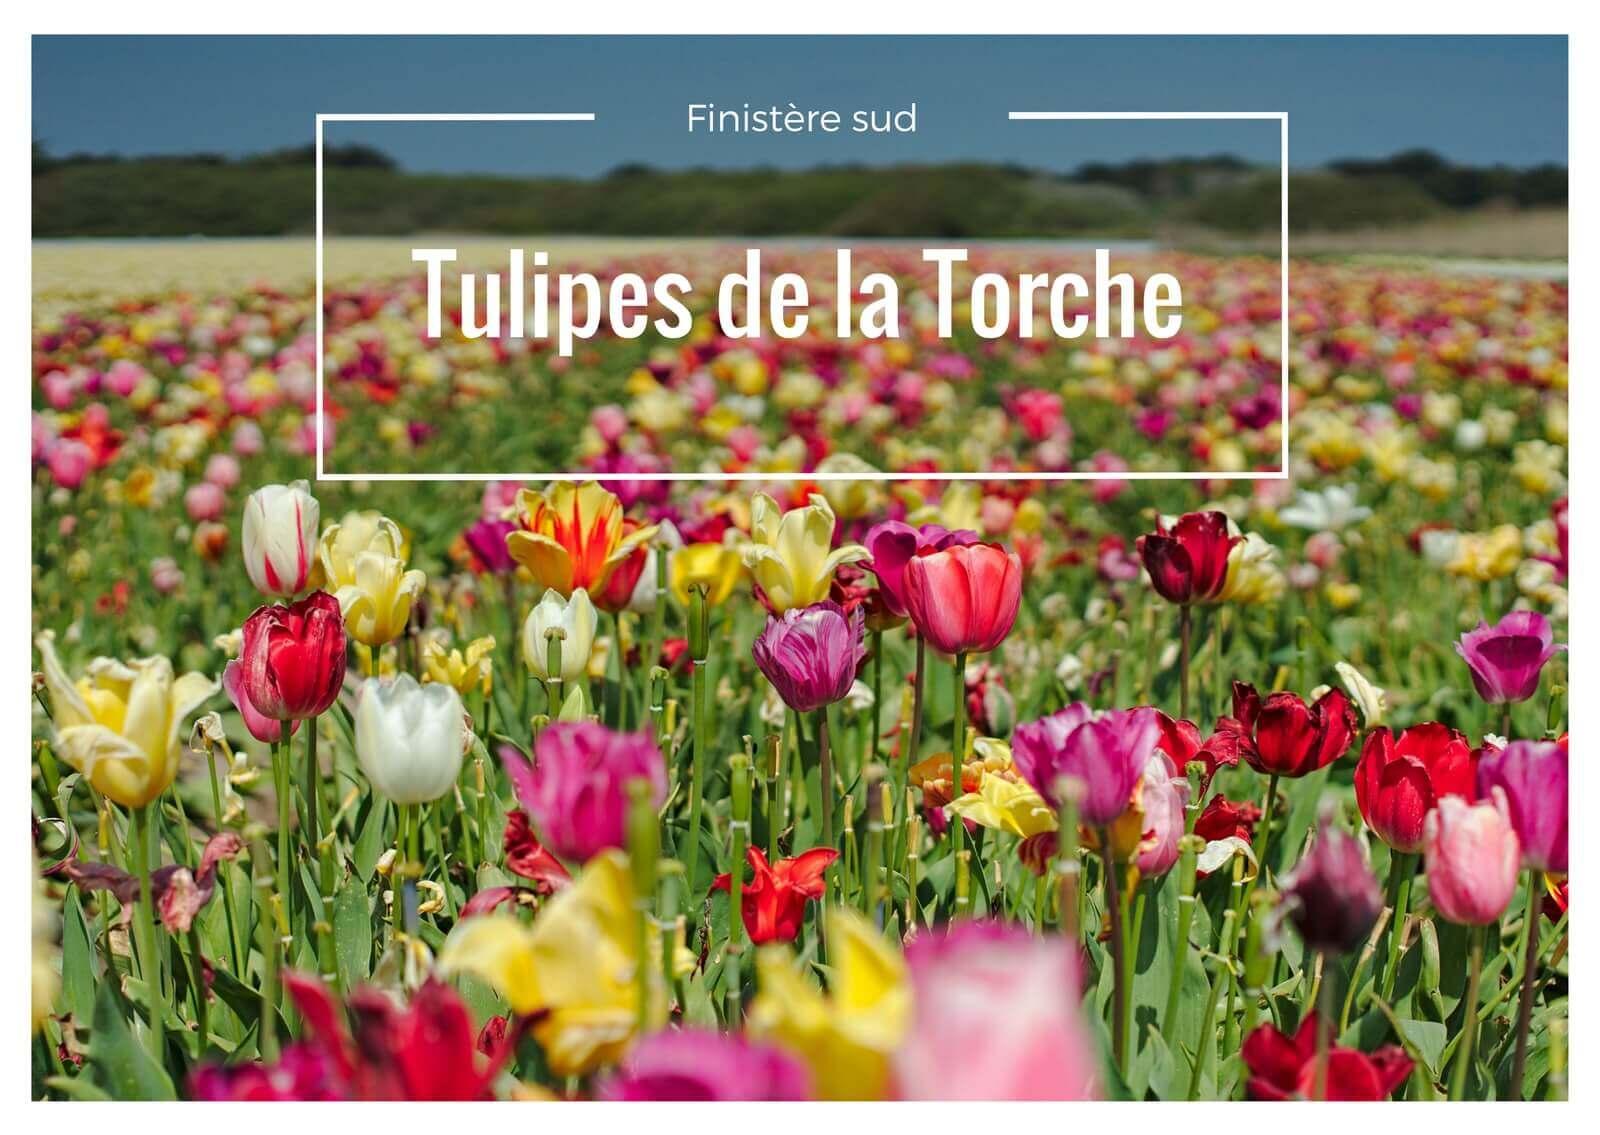 les tulipes de la torche